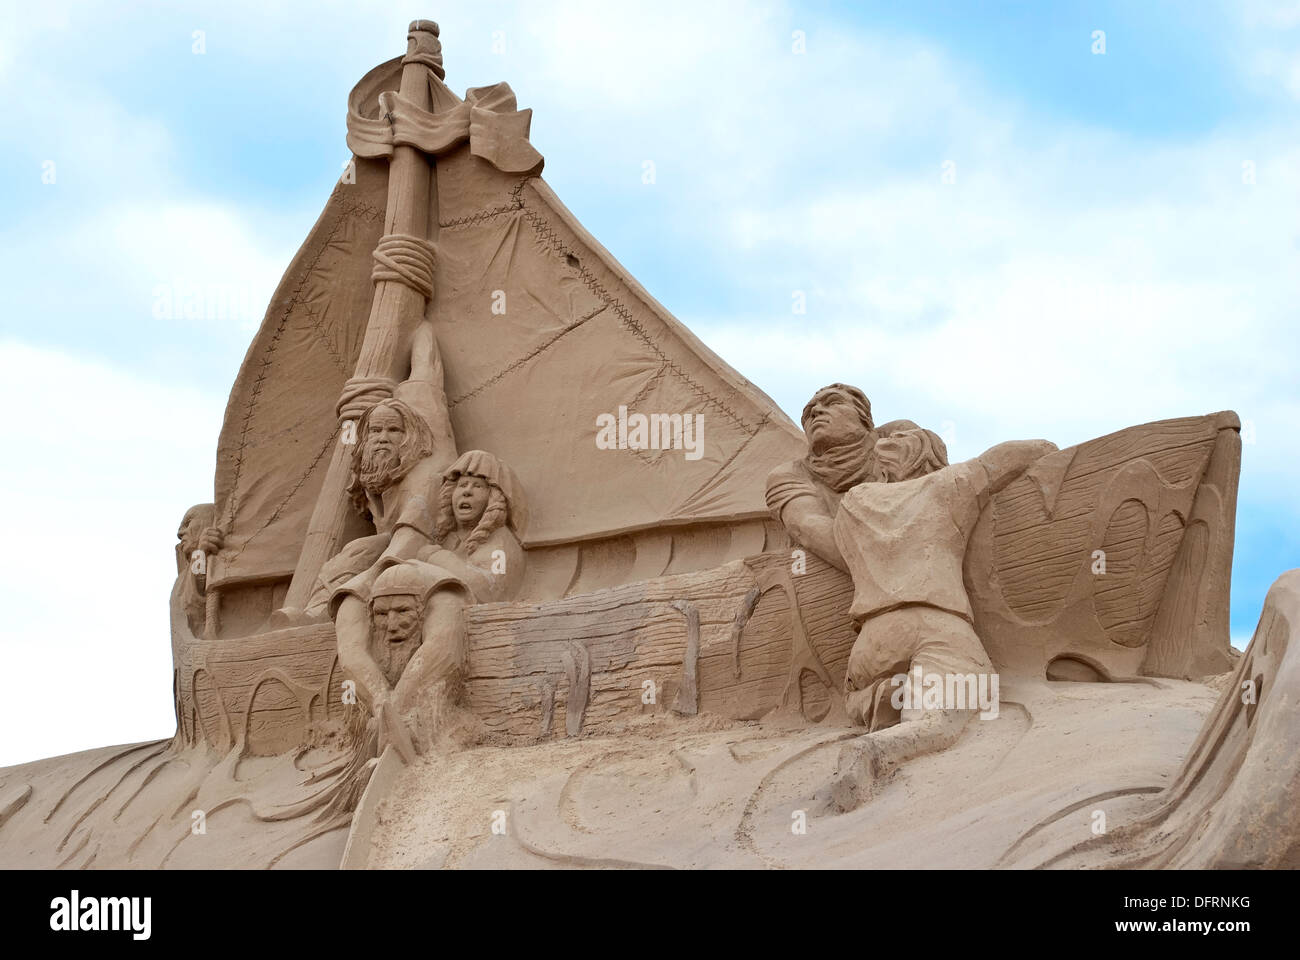 La composition sculpturale du sable à la plage de la ville. Photo Stock